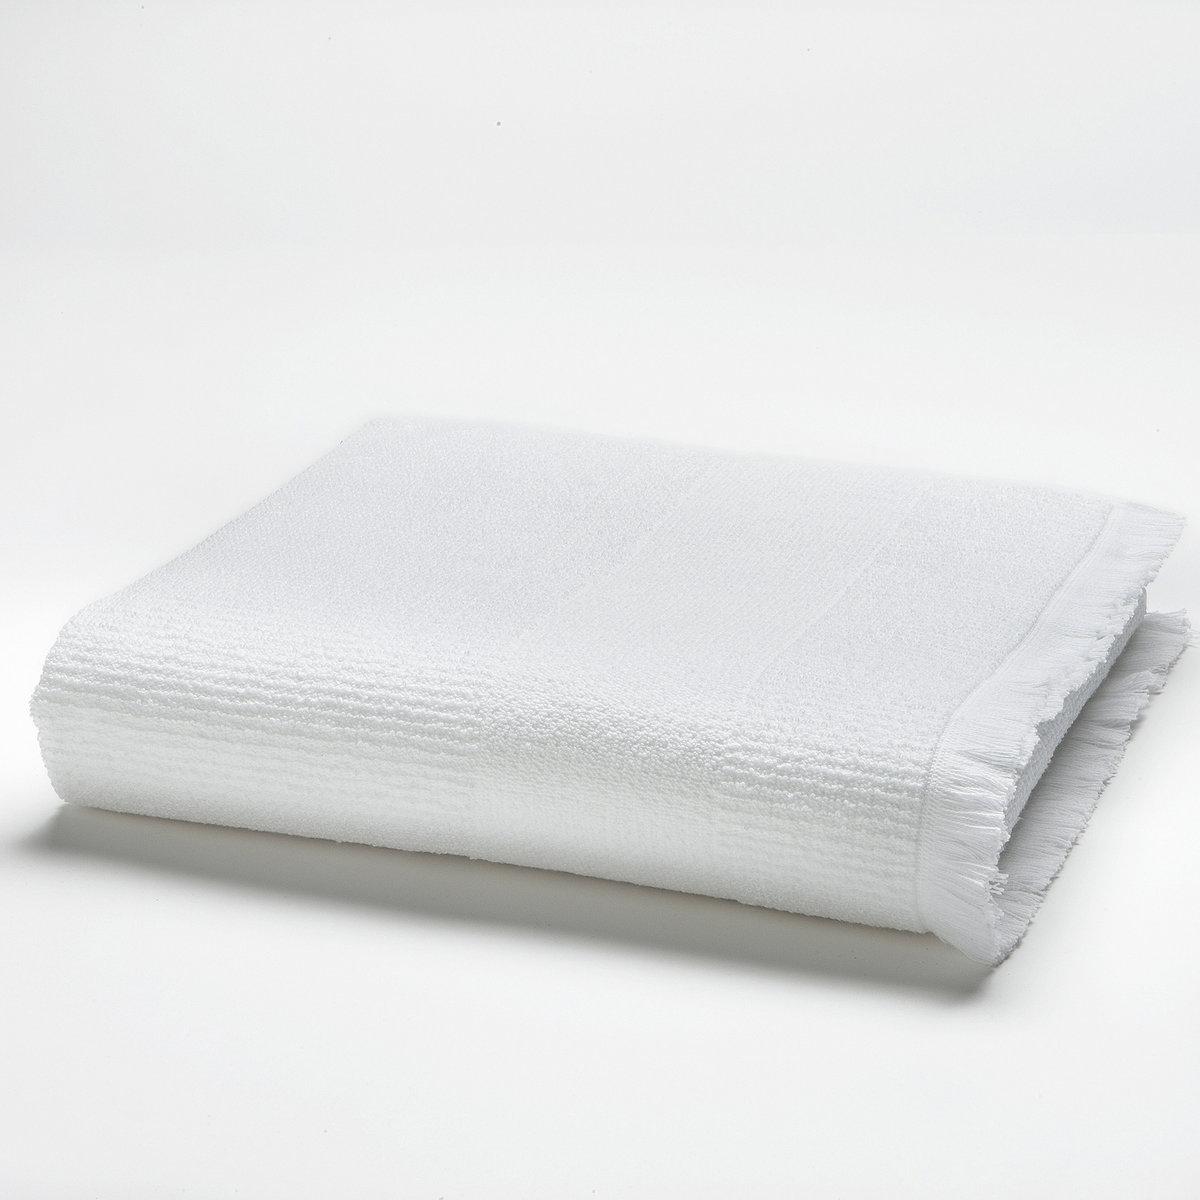 Полотенце махровое, 500 г/м?Характеристики махрового полотенца, 500 г/м?:100% хлопка (500 г/м?). Материал долго сохраняет мягкость и прочность. Превосходная стойкость цвета при стирке 60°.Машинная сушка.Размеры махрового полотенца, 500 г/м? :50 x 100 см.<br><br>Цвет: антрацит